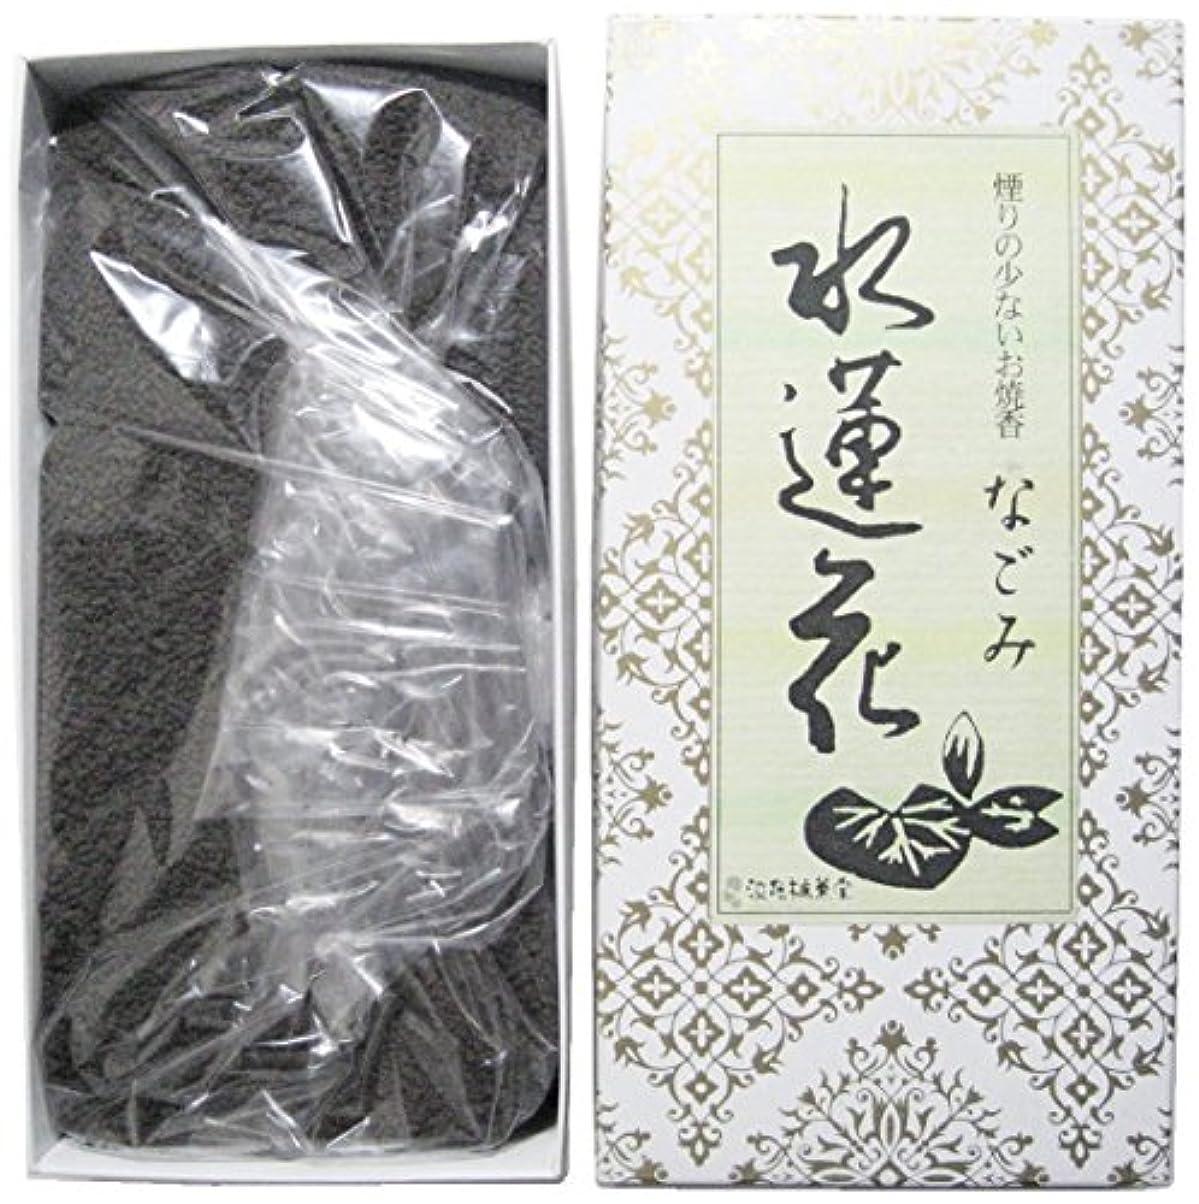 乳剤の面では故国淡路梅薫堂の煙の少ないお焼香 なごみ 水蓮花 500g #931 お焼香用 けむりの少ないお香